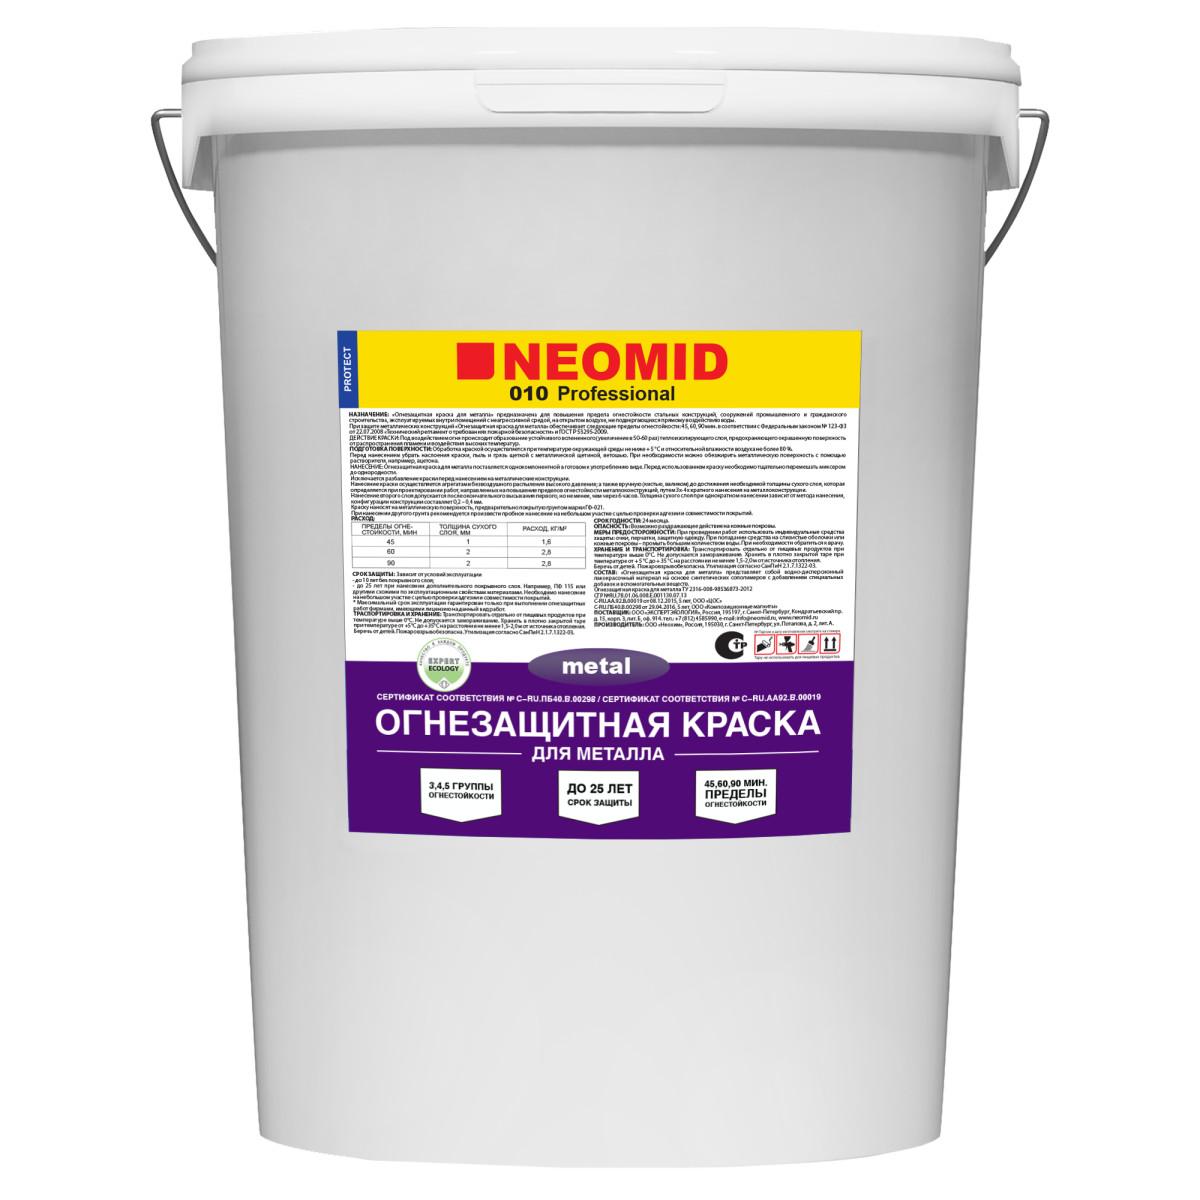 Огнезащитная краска для металла Neomid 25 кг